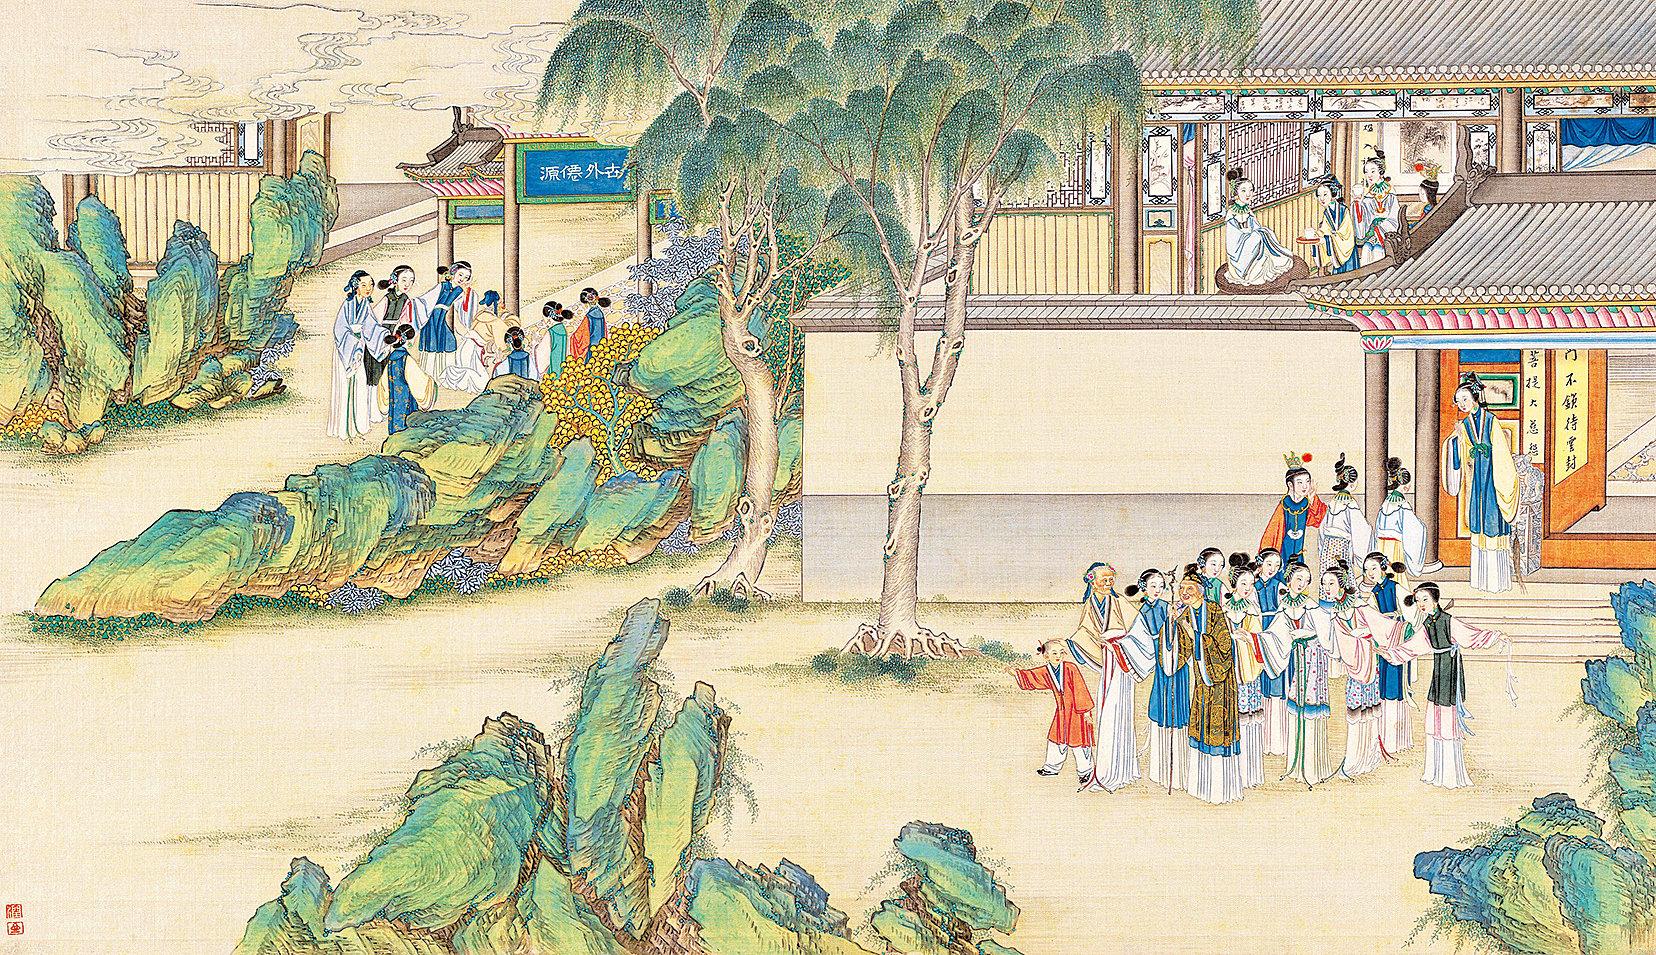 寶玉品茶櫳翠庵,清孫溫繪〈紅樓夢〉第41回插圖(公有領域)